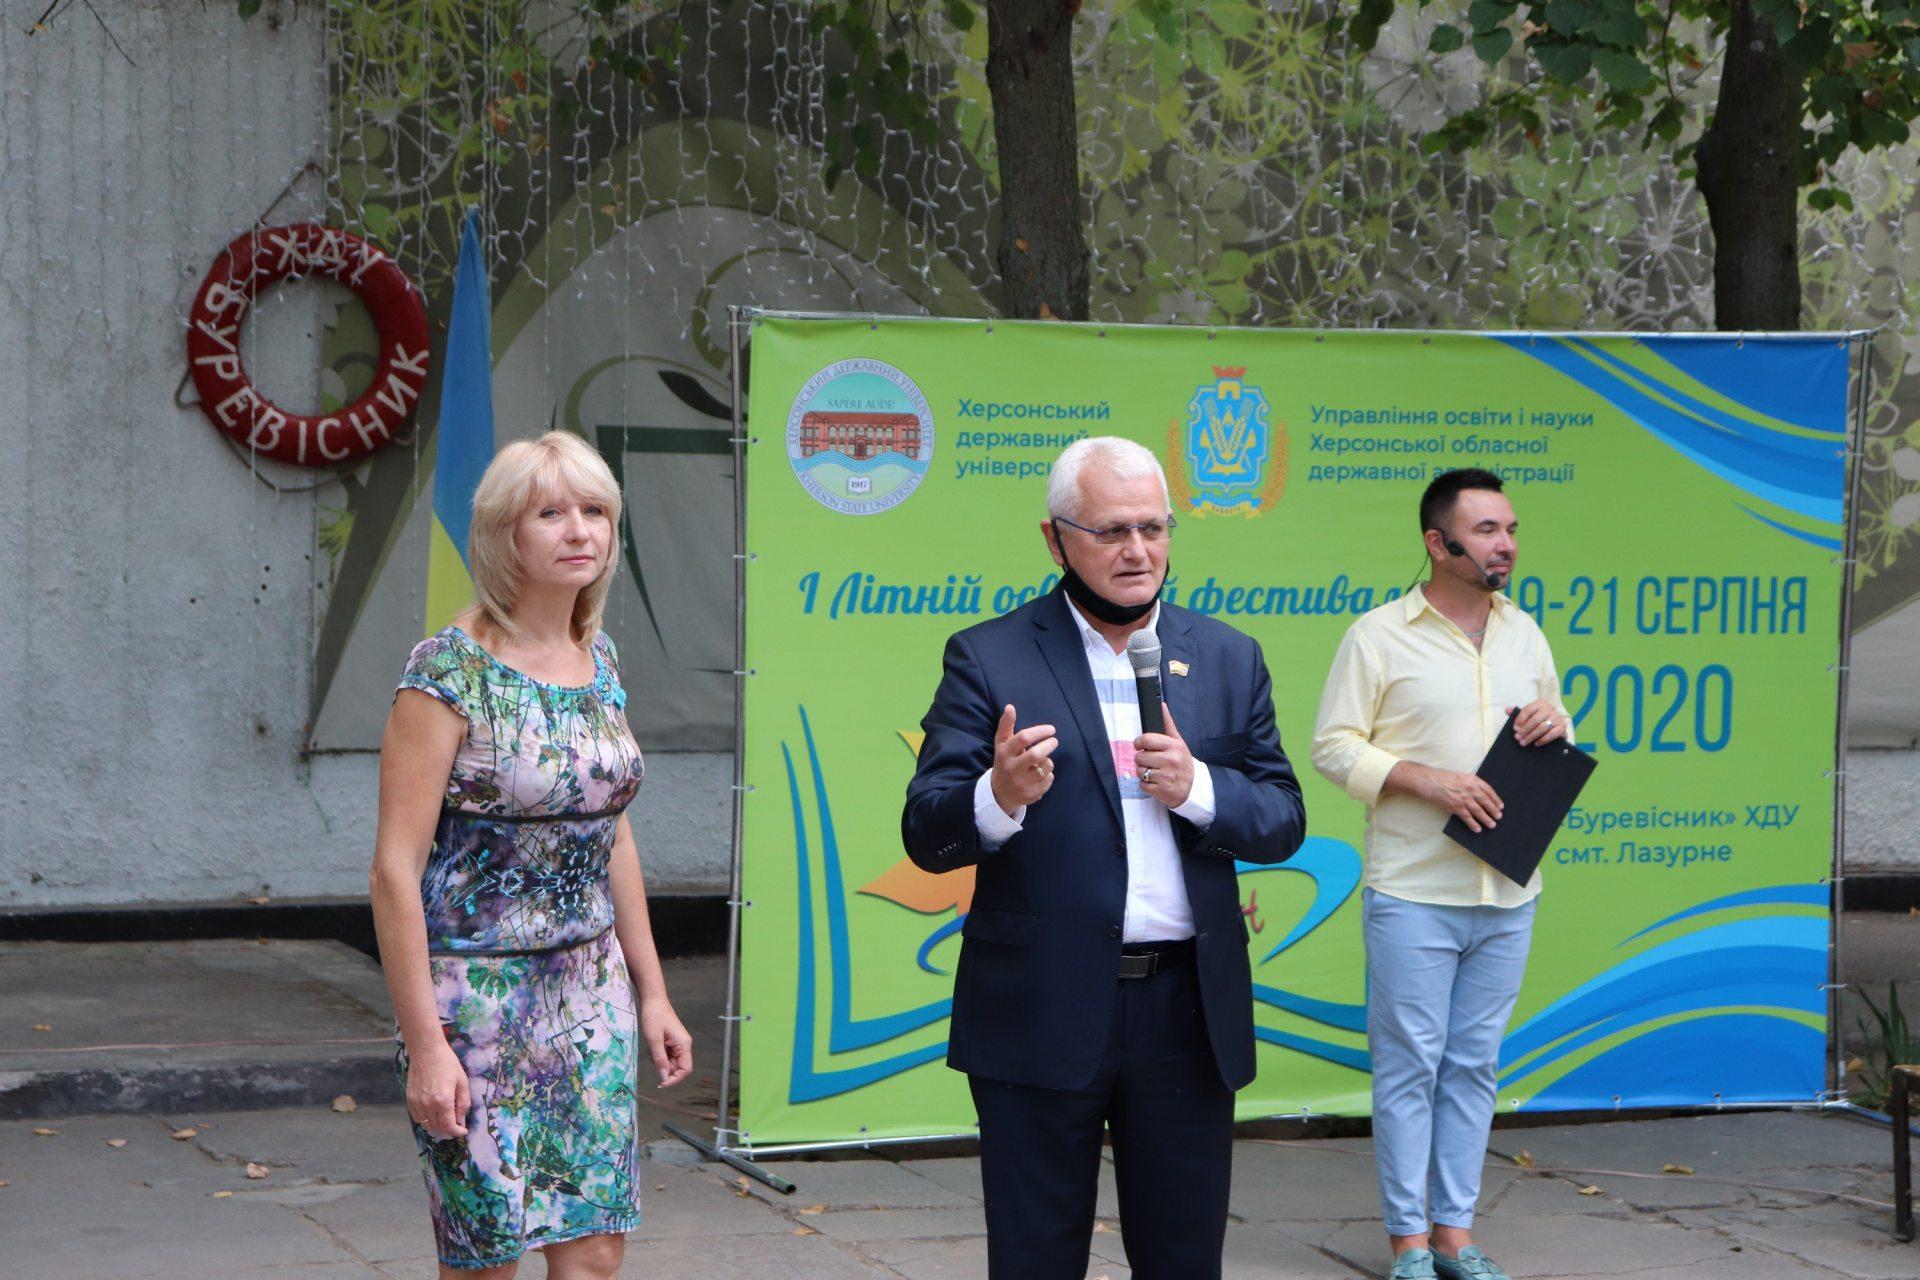 Освітяни Херсонщини провели фестиваль на березі Чорного моря